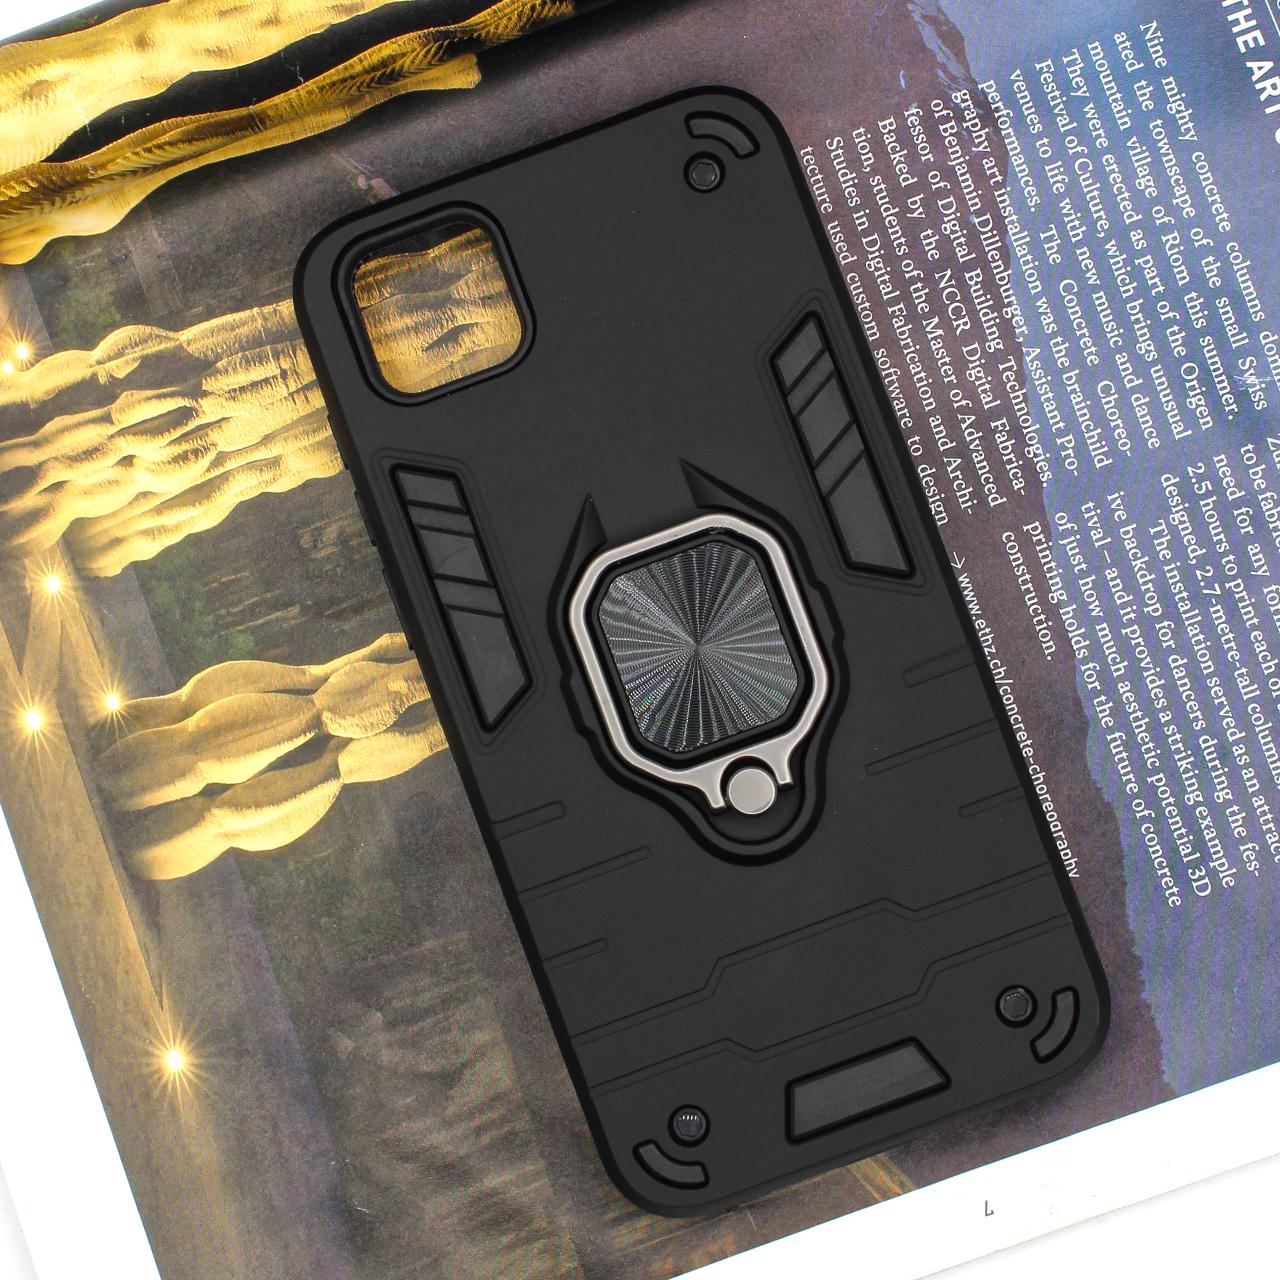 کاور کینگ پاور مدل ASH22 مناسب برای گوشی موبایل هوآوی Y5p / Y5 2020 / آنر 9S main 1 12